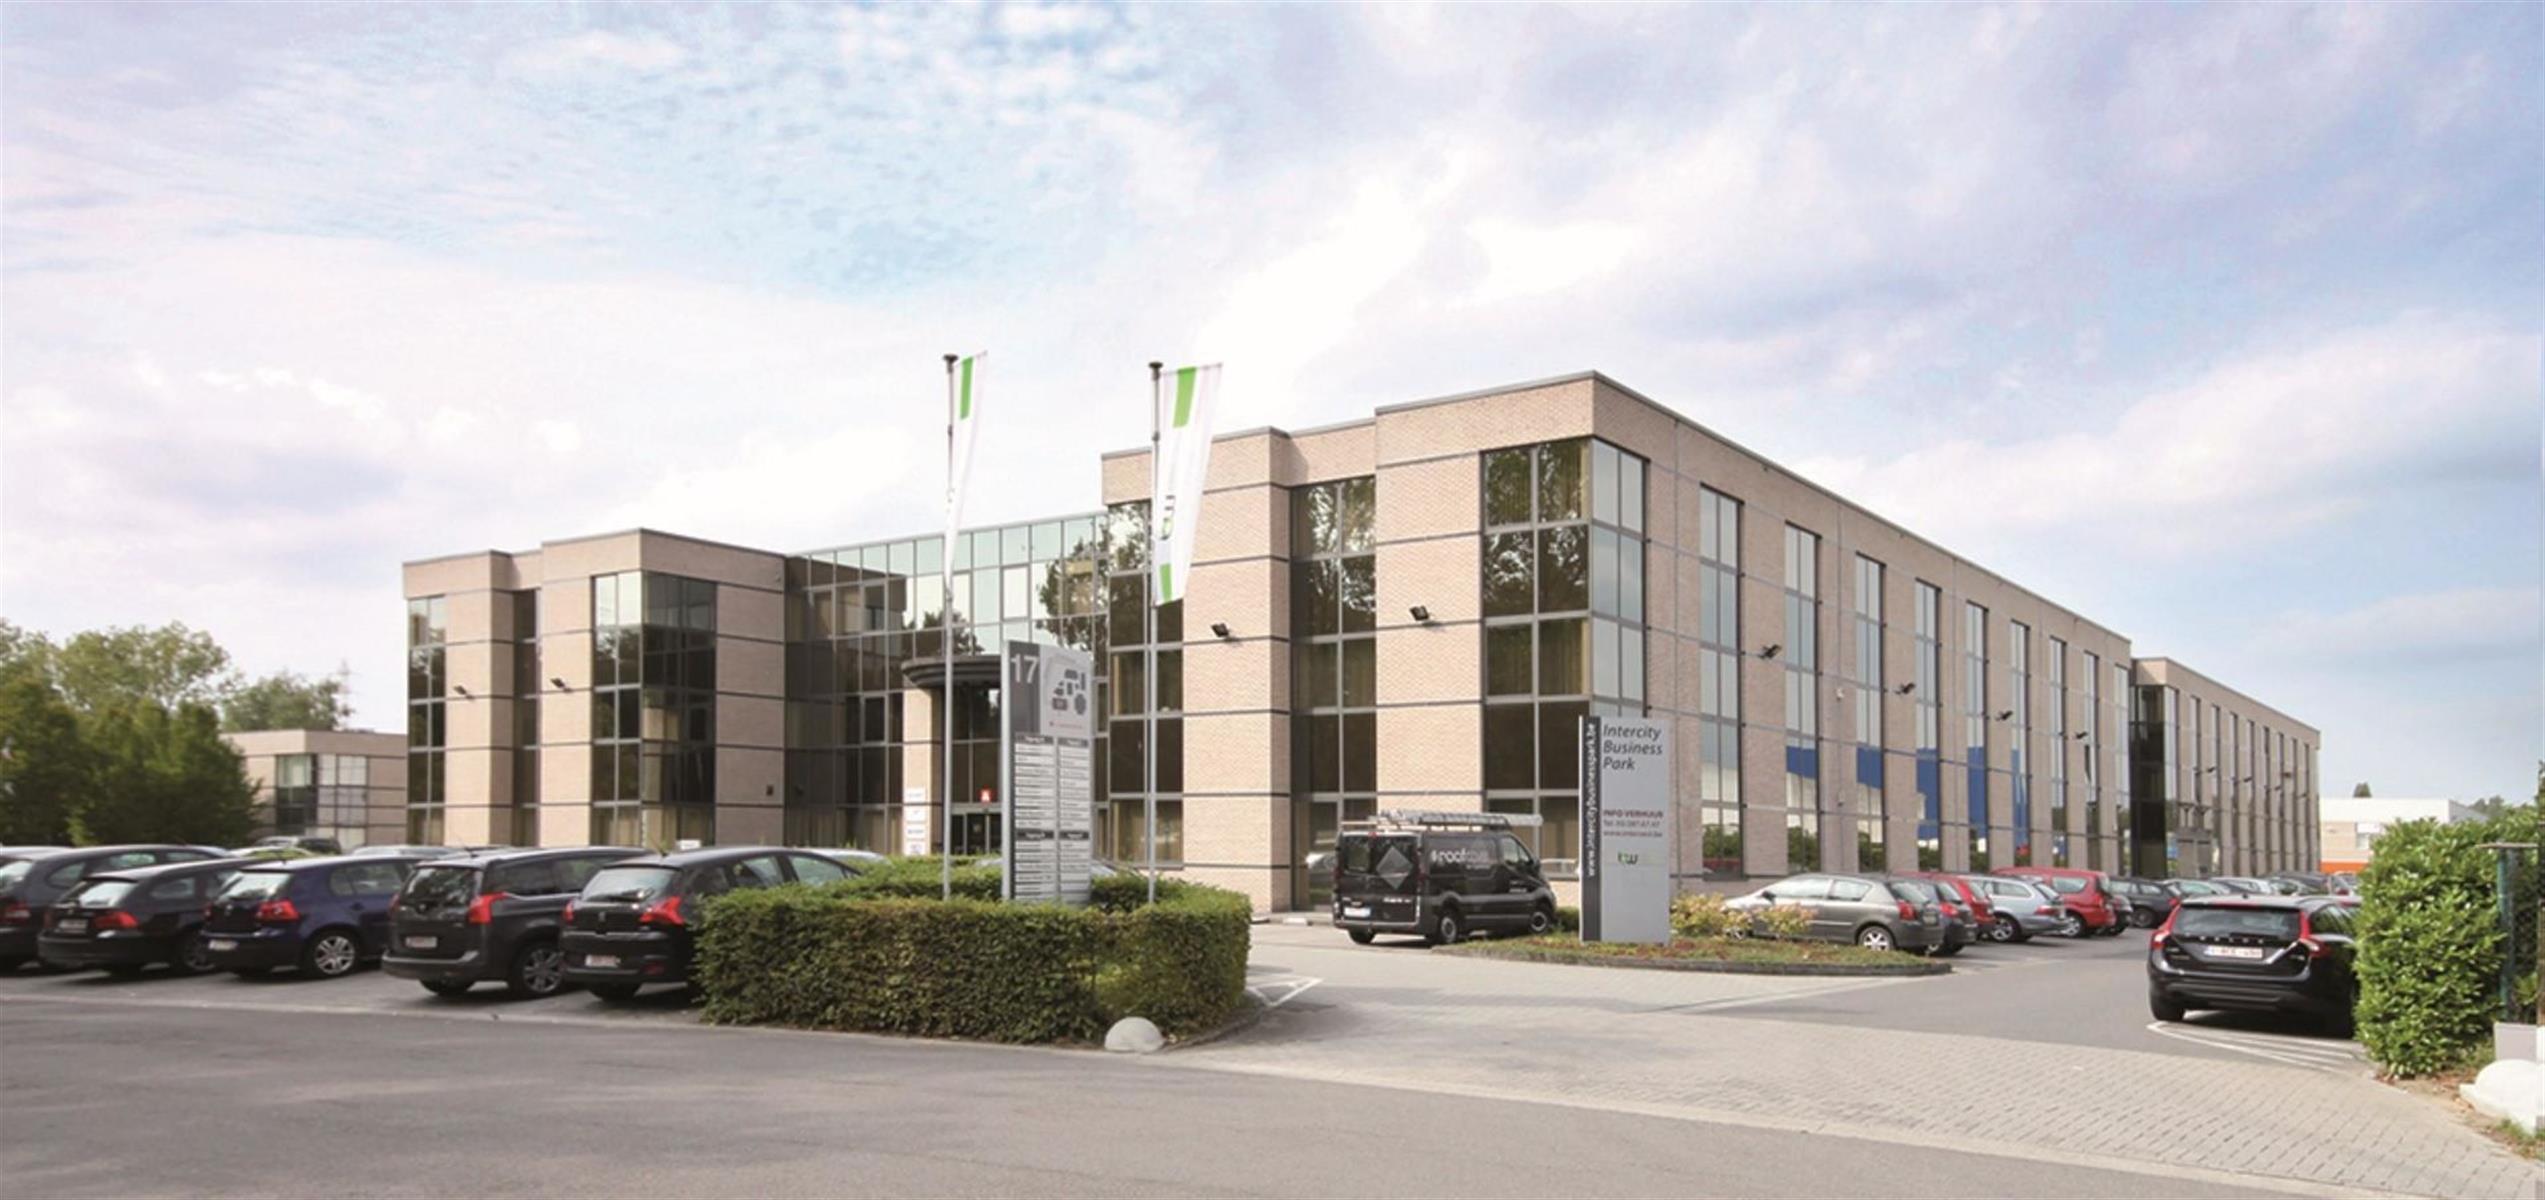 kantoor te huur I126 - 17A - unit 1/L | ingericht - Generaal de Wittelaan 17, 2800 Mechelen, België 1